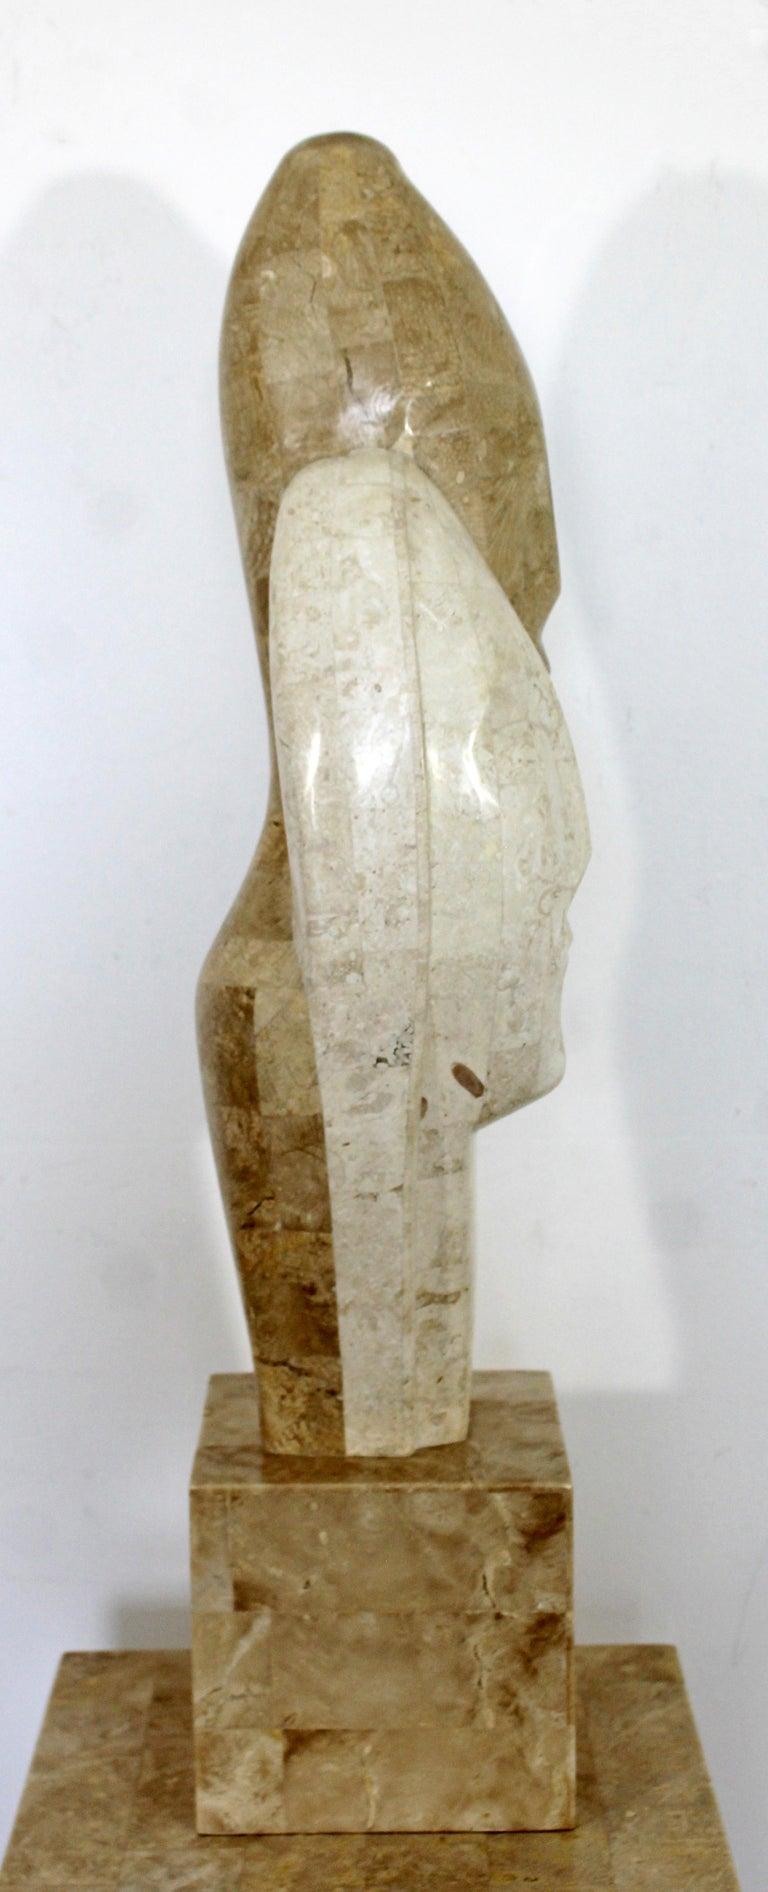 Contemporary Modern Composite Faux Marble Sculpture on Pedestal Austin Prod Era For Sale 5